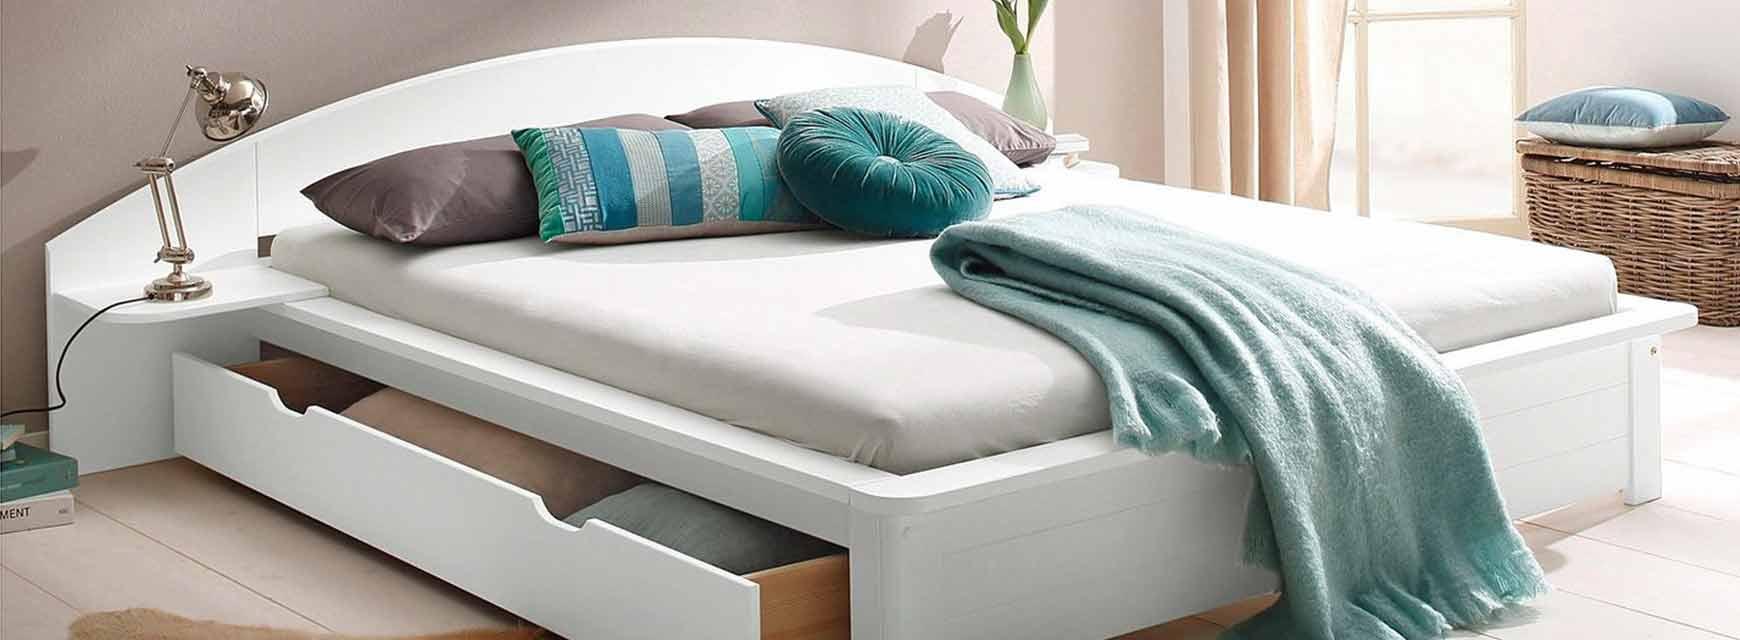 Full Size of Bauernbett 90x200 Weißes Bett Mit Bettkasten Kiefer Lattenrost Schubladen Weiß Und Matratze Betten Wohnzimmer Bauernbett 90x200